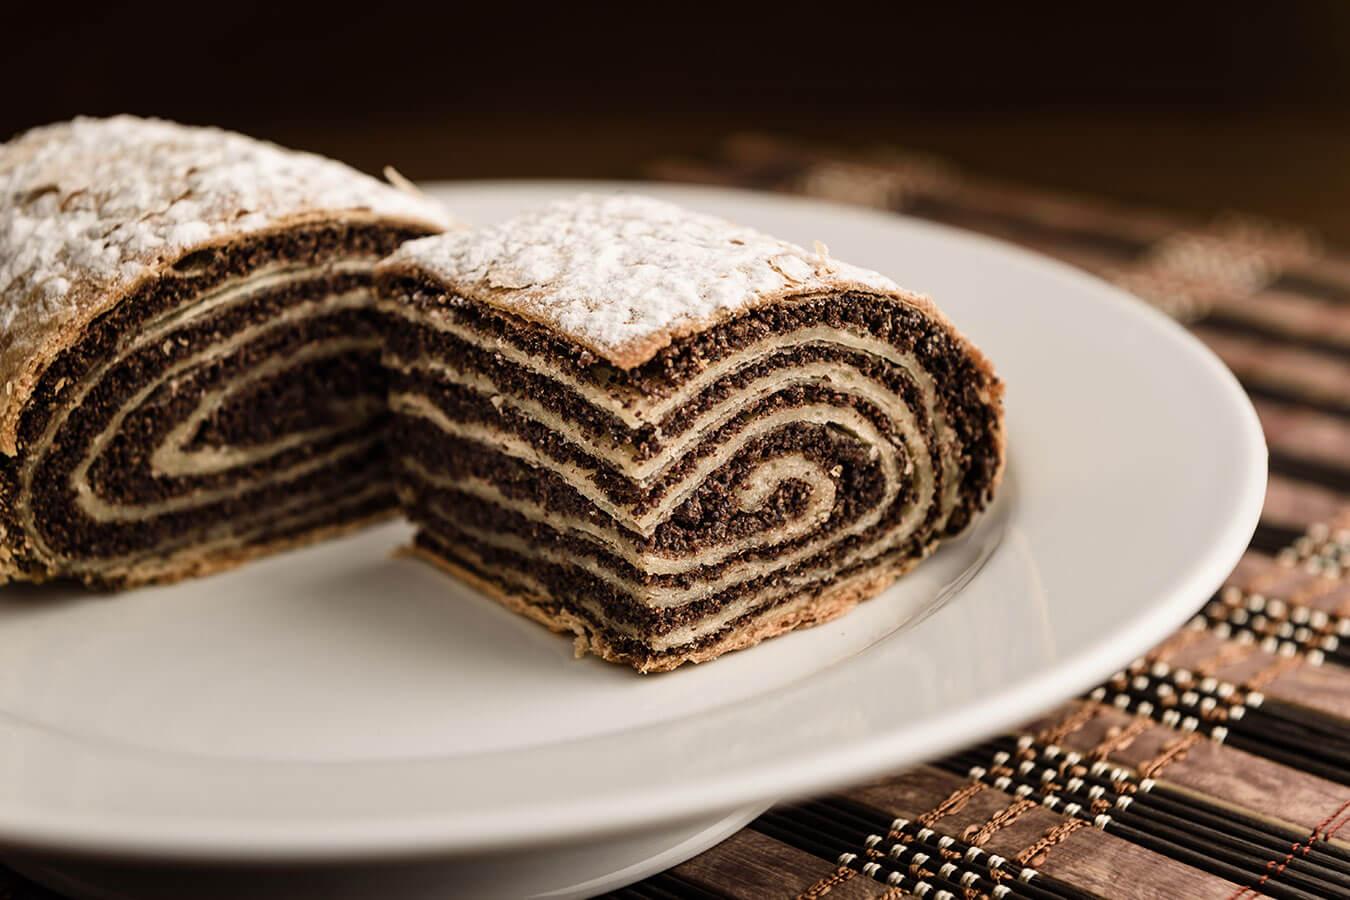 Co zrobić, żeby mak nie oddzielał się od ciasta?